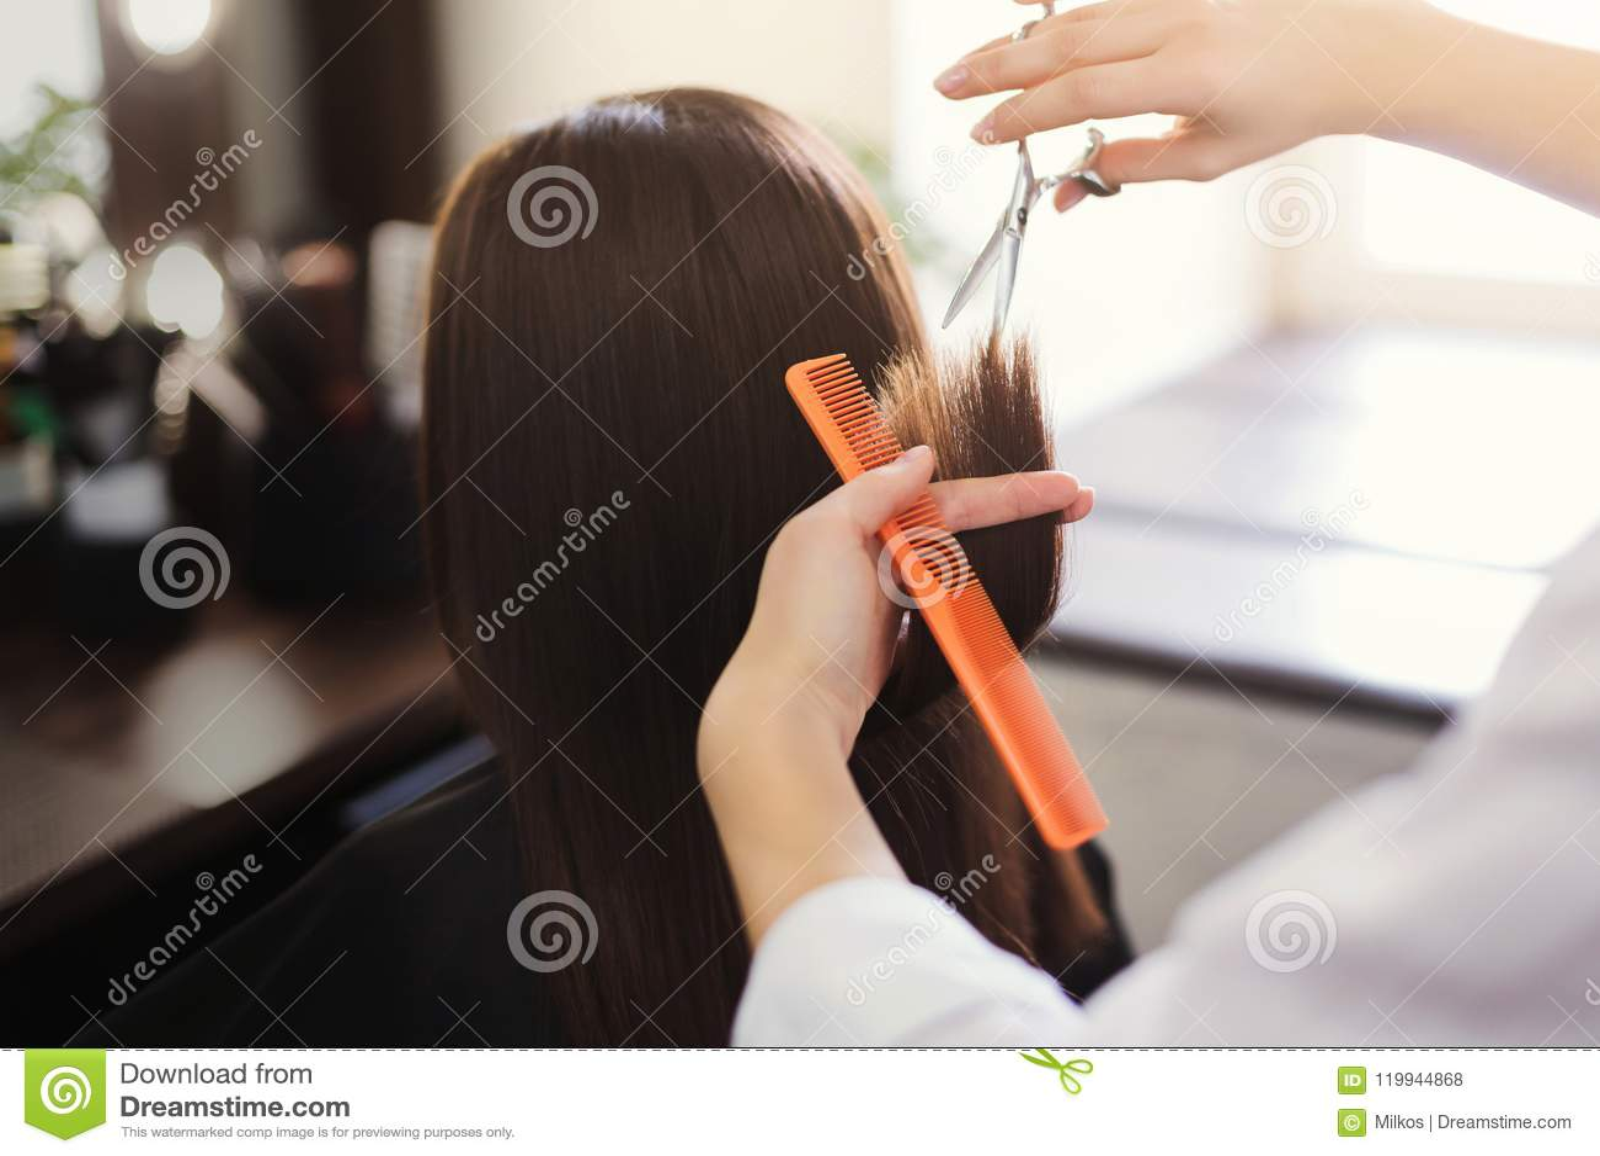 Parrucchiere che sistema capelli marroni lunghi con le forbici